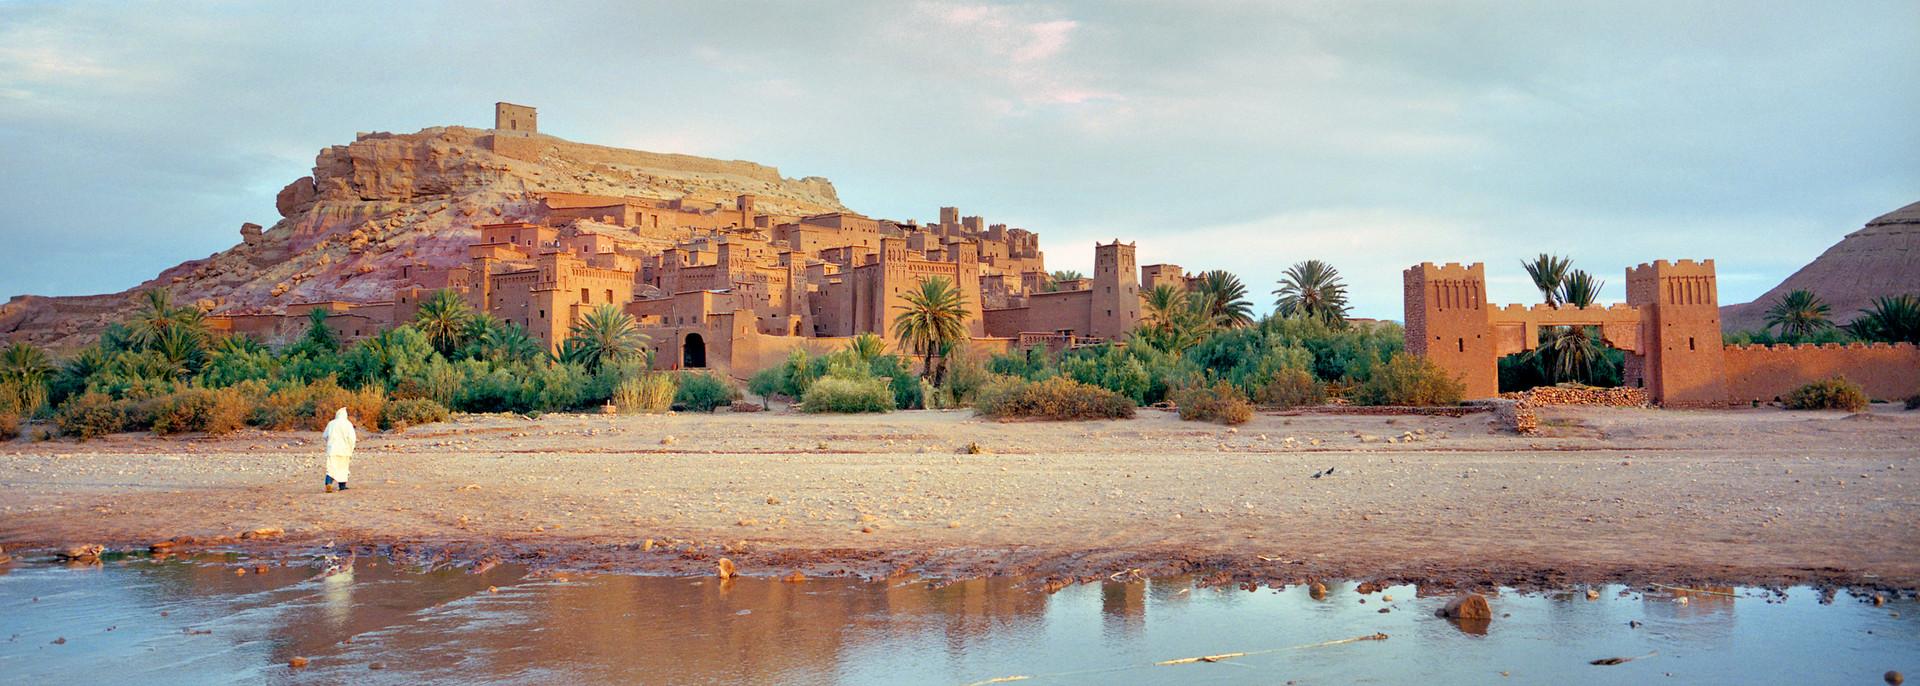 Marokko293CorrectedVS2.jpg